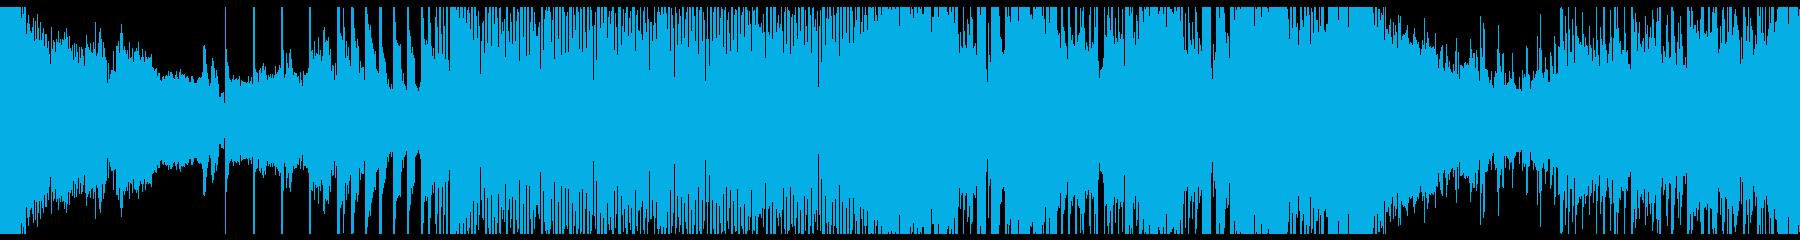 トランス、EDM系のループ音楽のBGMの再生済みの波形